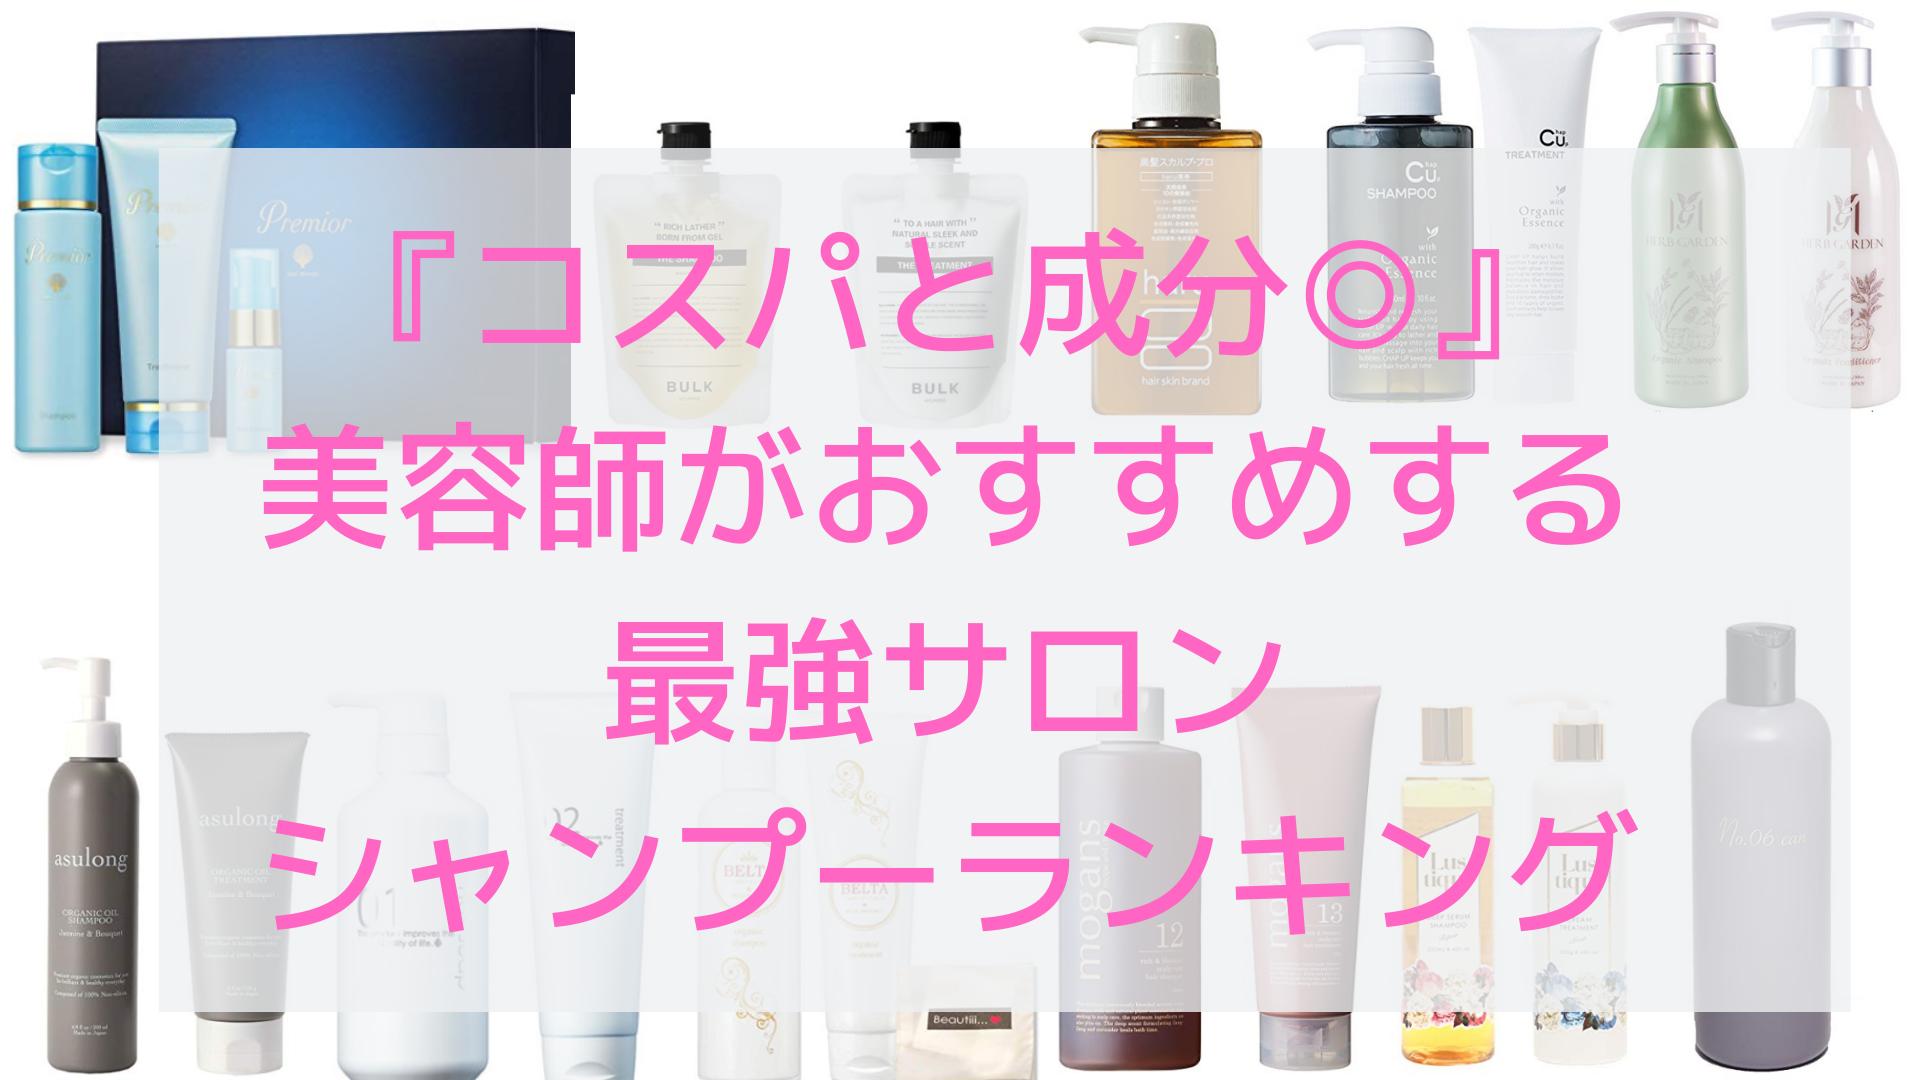 【2020最新サロンシャンプーランキング】コスパの良い商品20選!